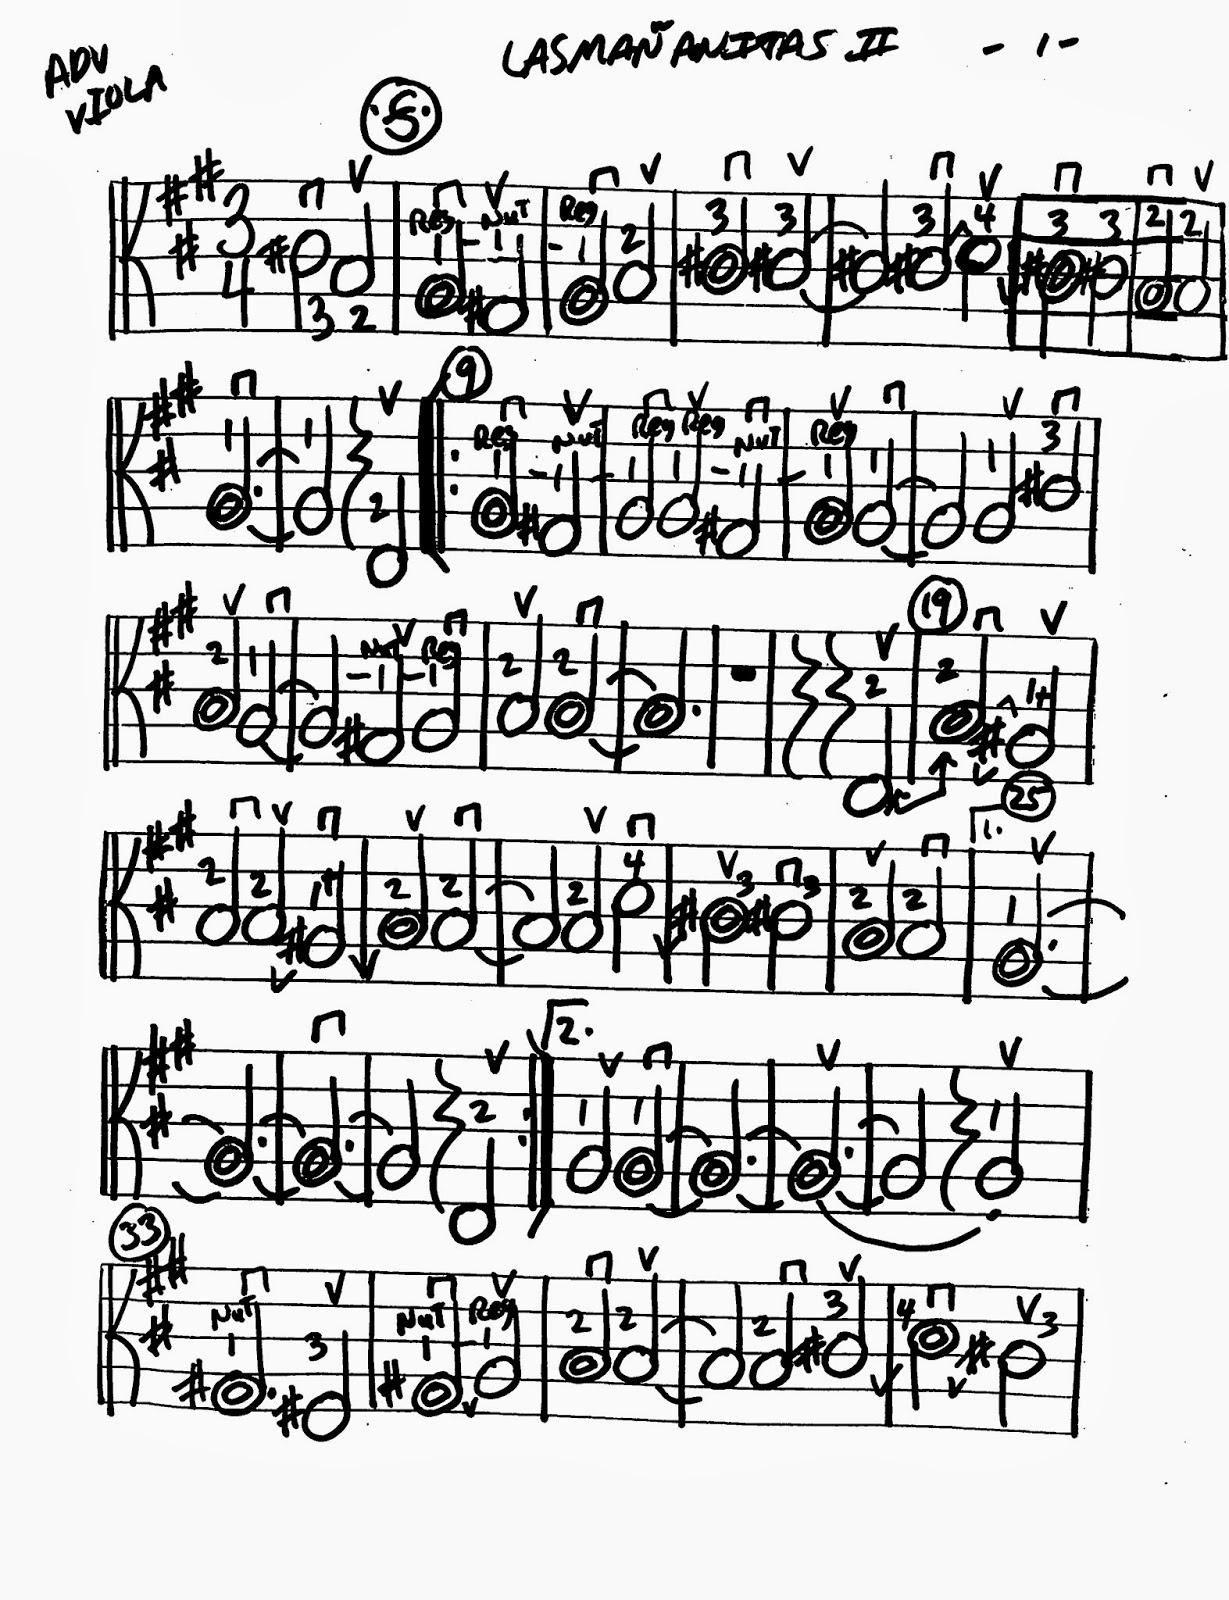 Miss Jacobson's Music: LAS MANANITAS II WORKSHEETS